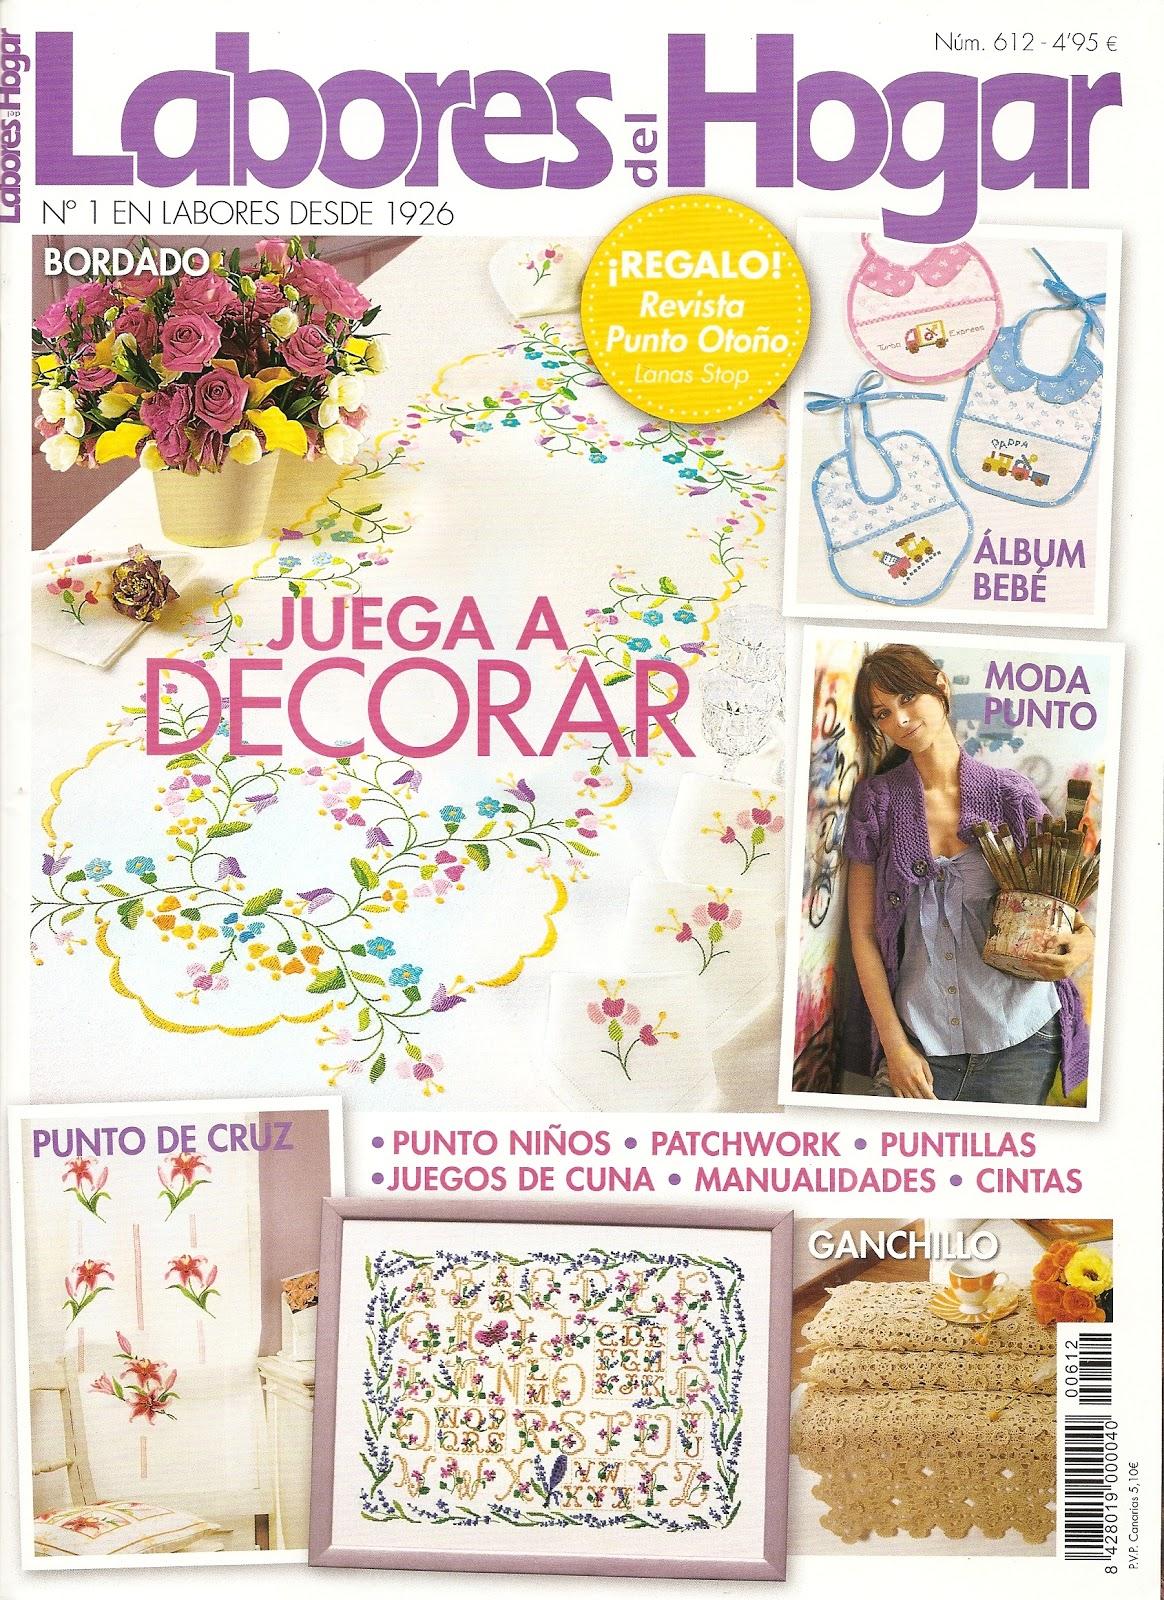 Essa é a penúltima edição da revista Labores del Hogar numero 612